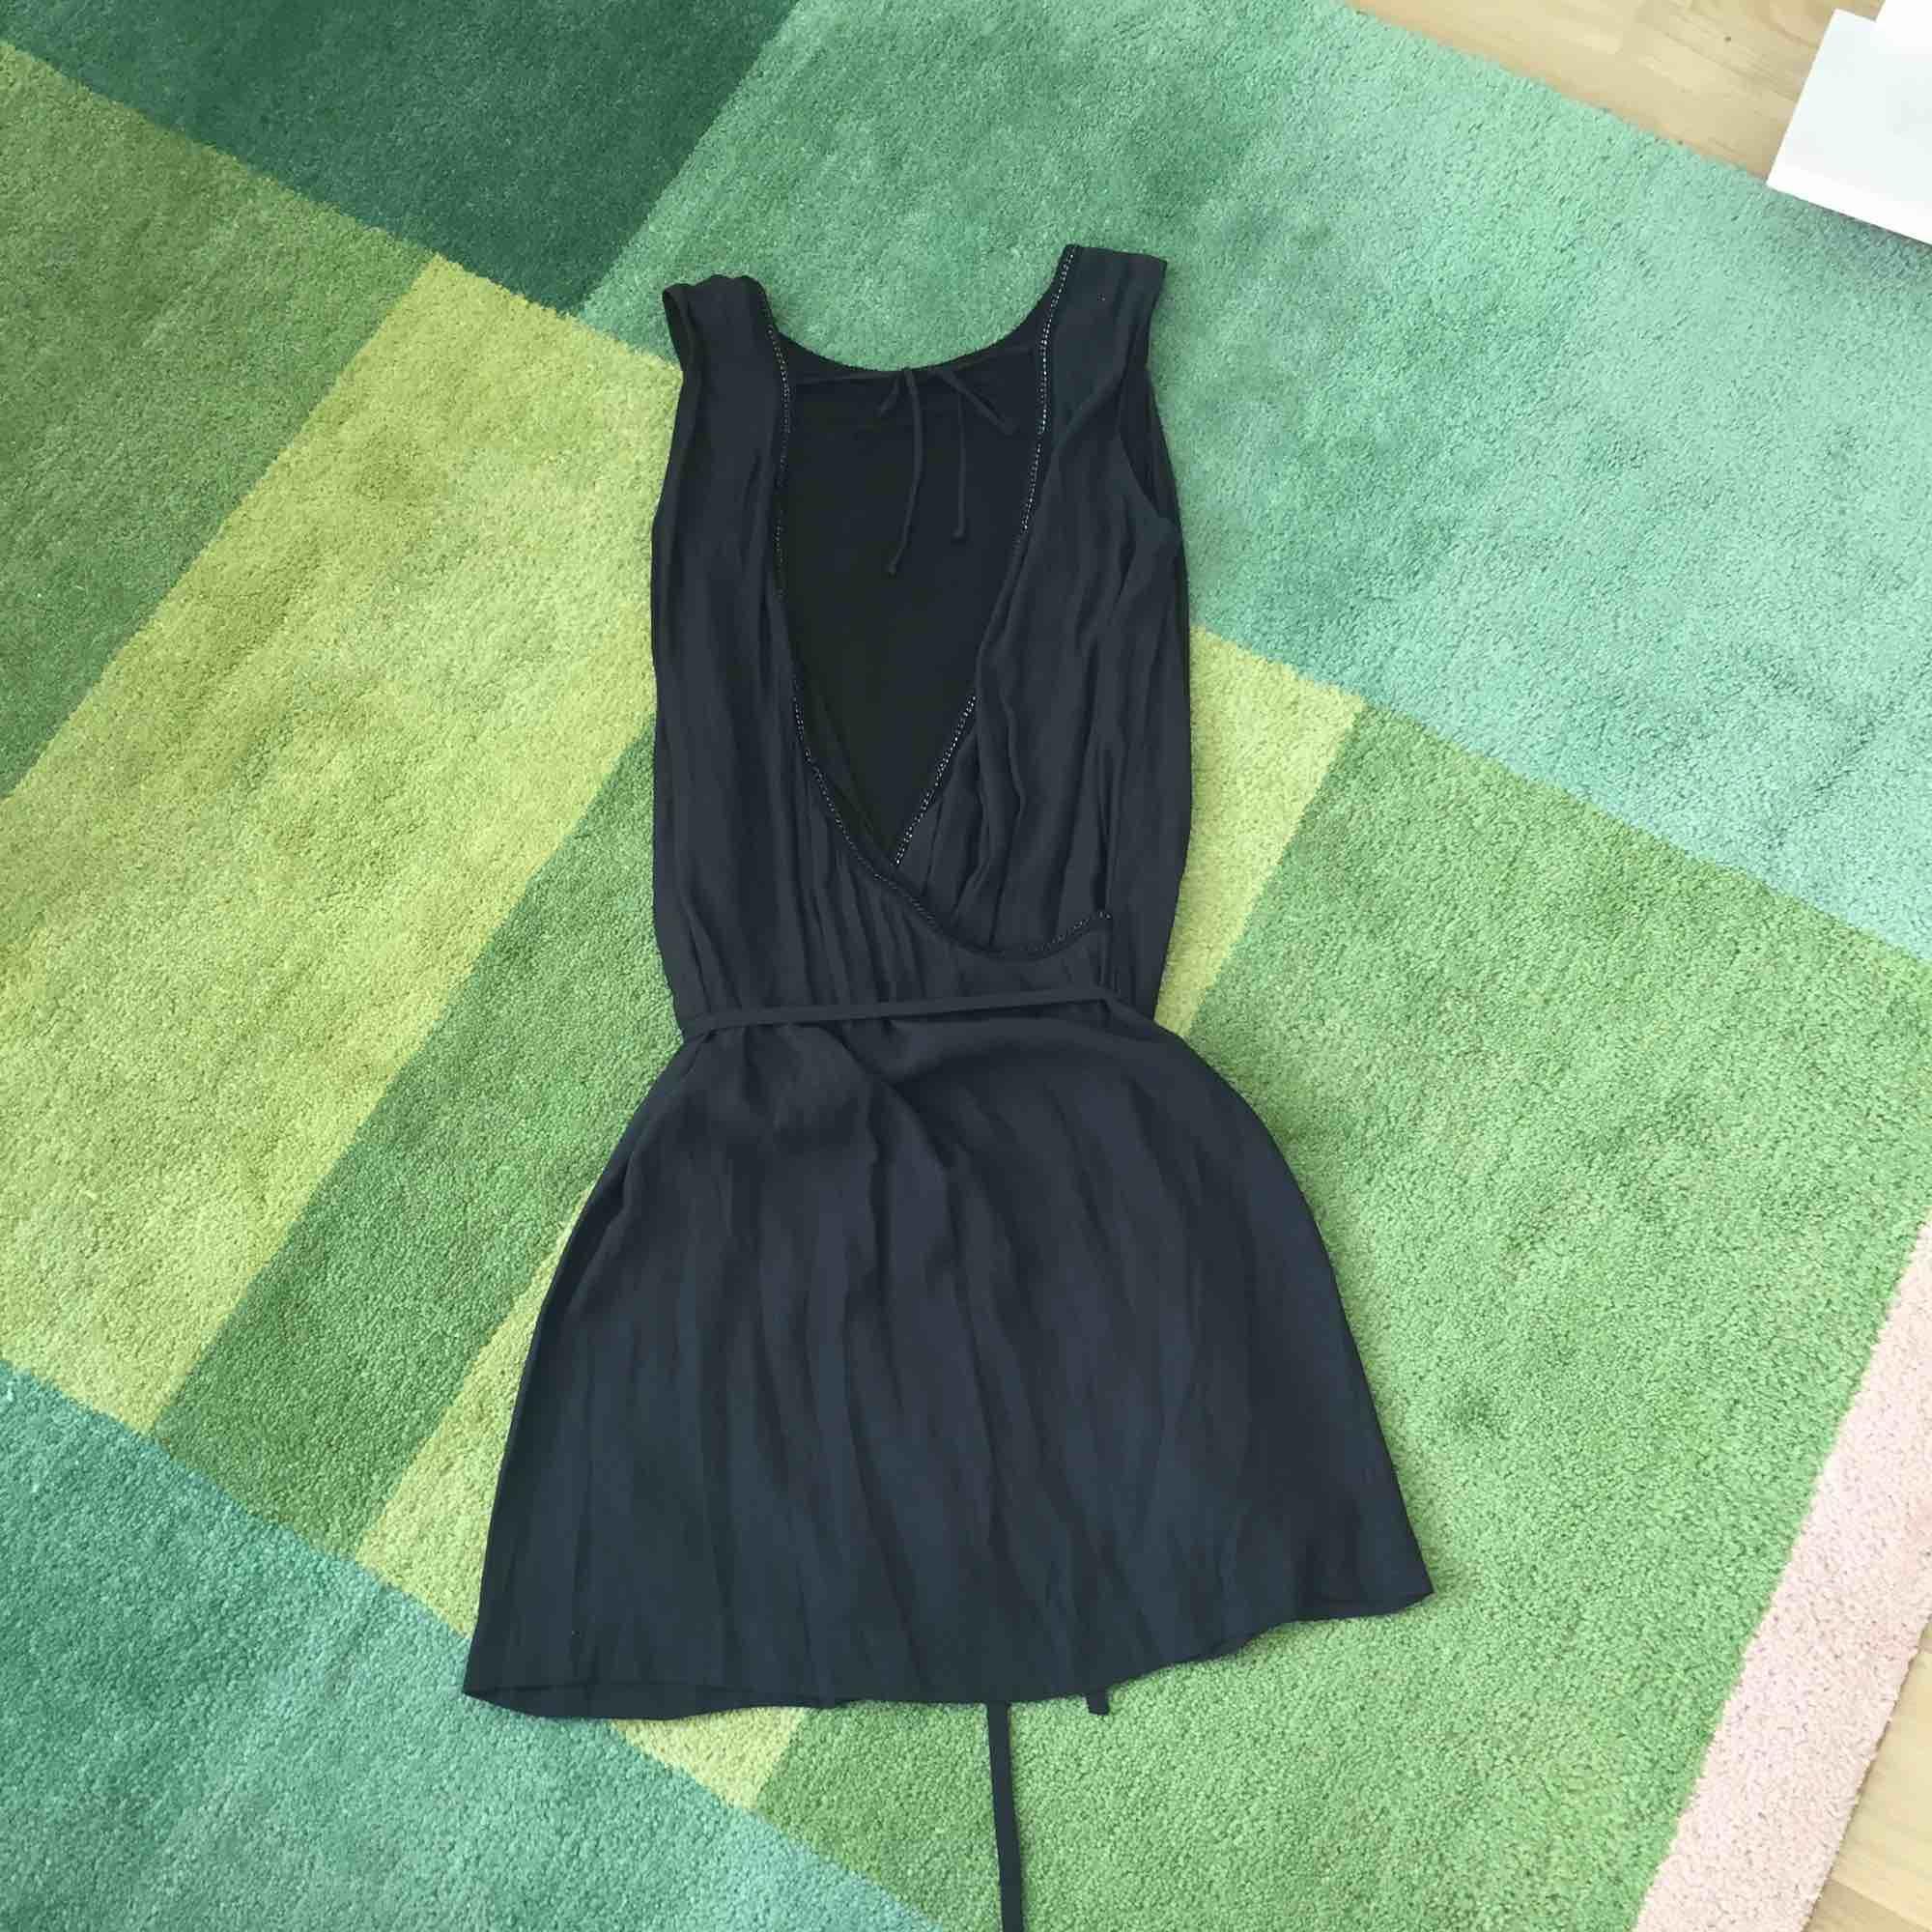 Cool svart klänning med djup urringning i ryggen. Snygga detaljer i urringningen och band i midjan.. Klänningar.